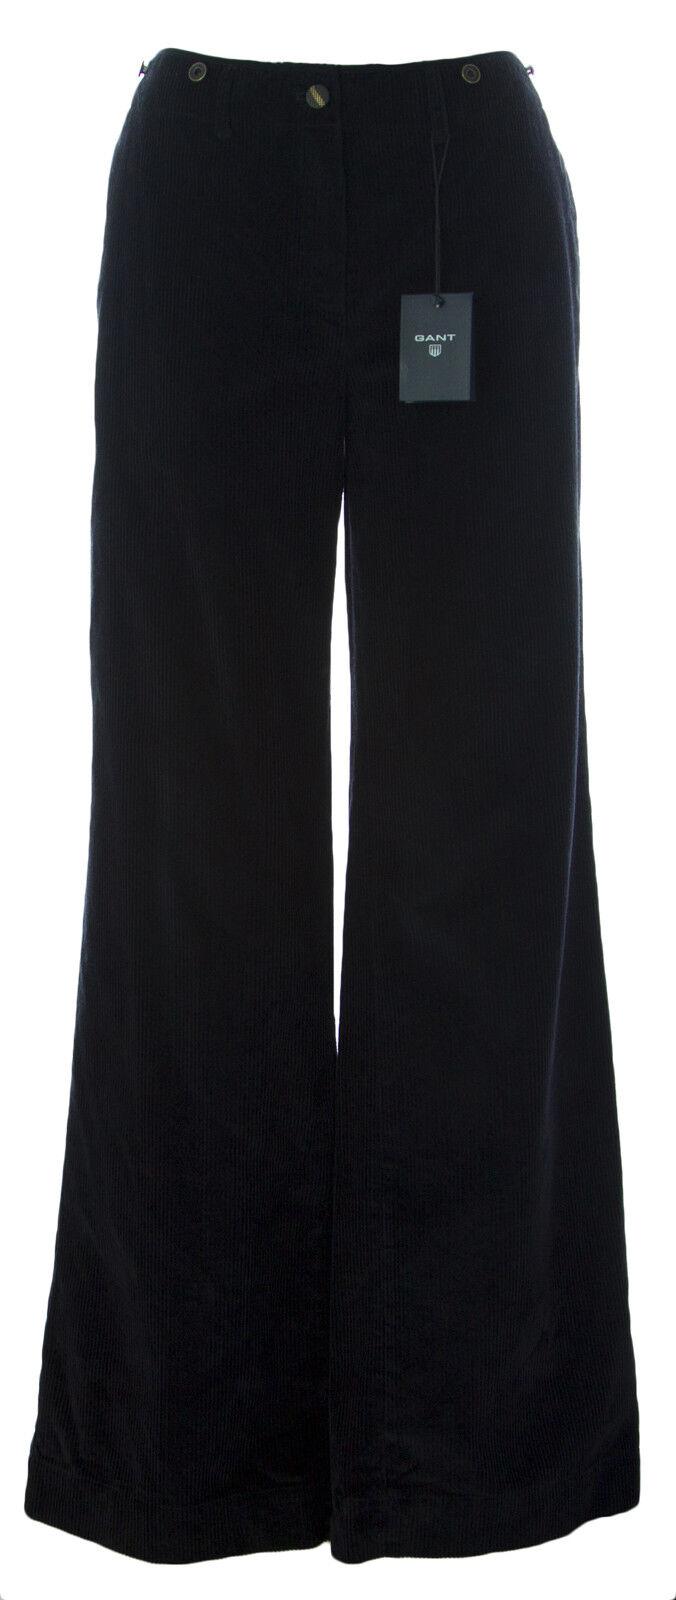 Gant Gant Gant Donna Blu Navy Slavato Corda Pantaloni 414580 Nuovo af624f